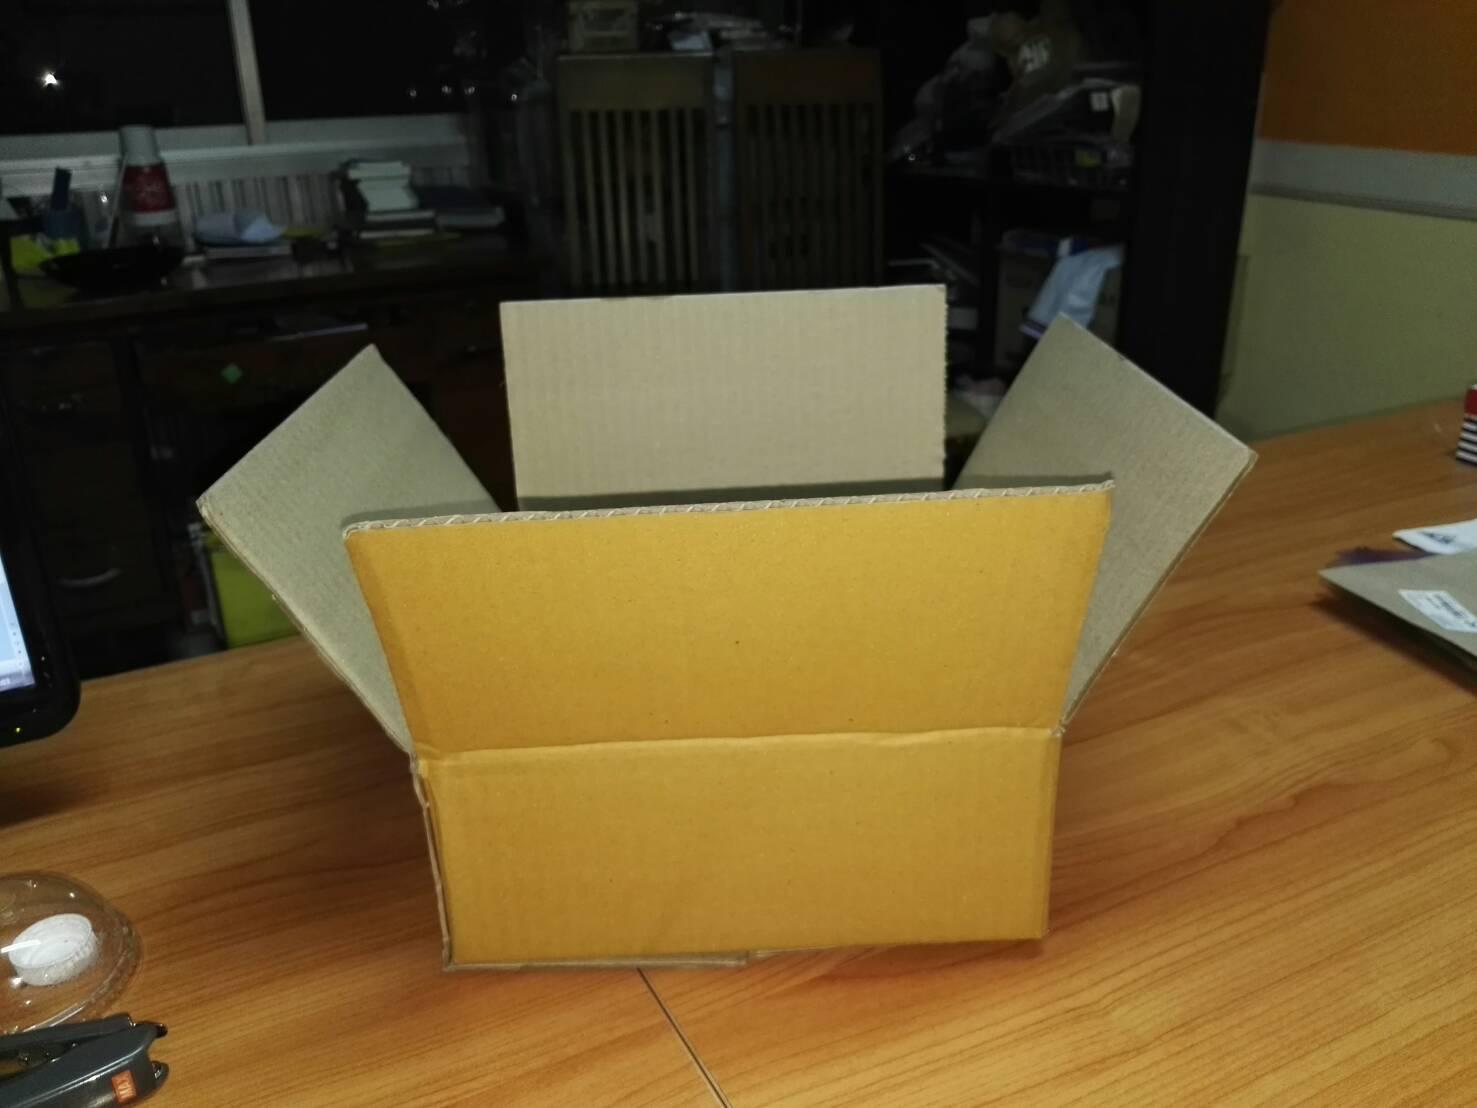 กล่อง Kerry Express M